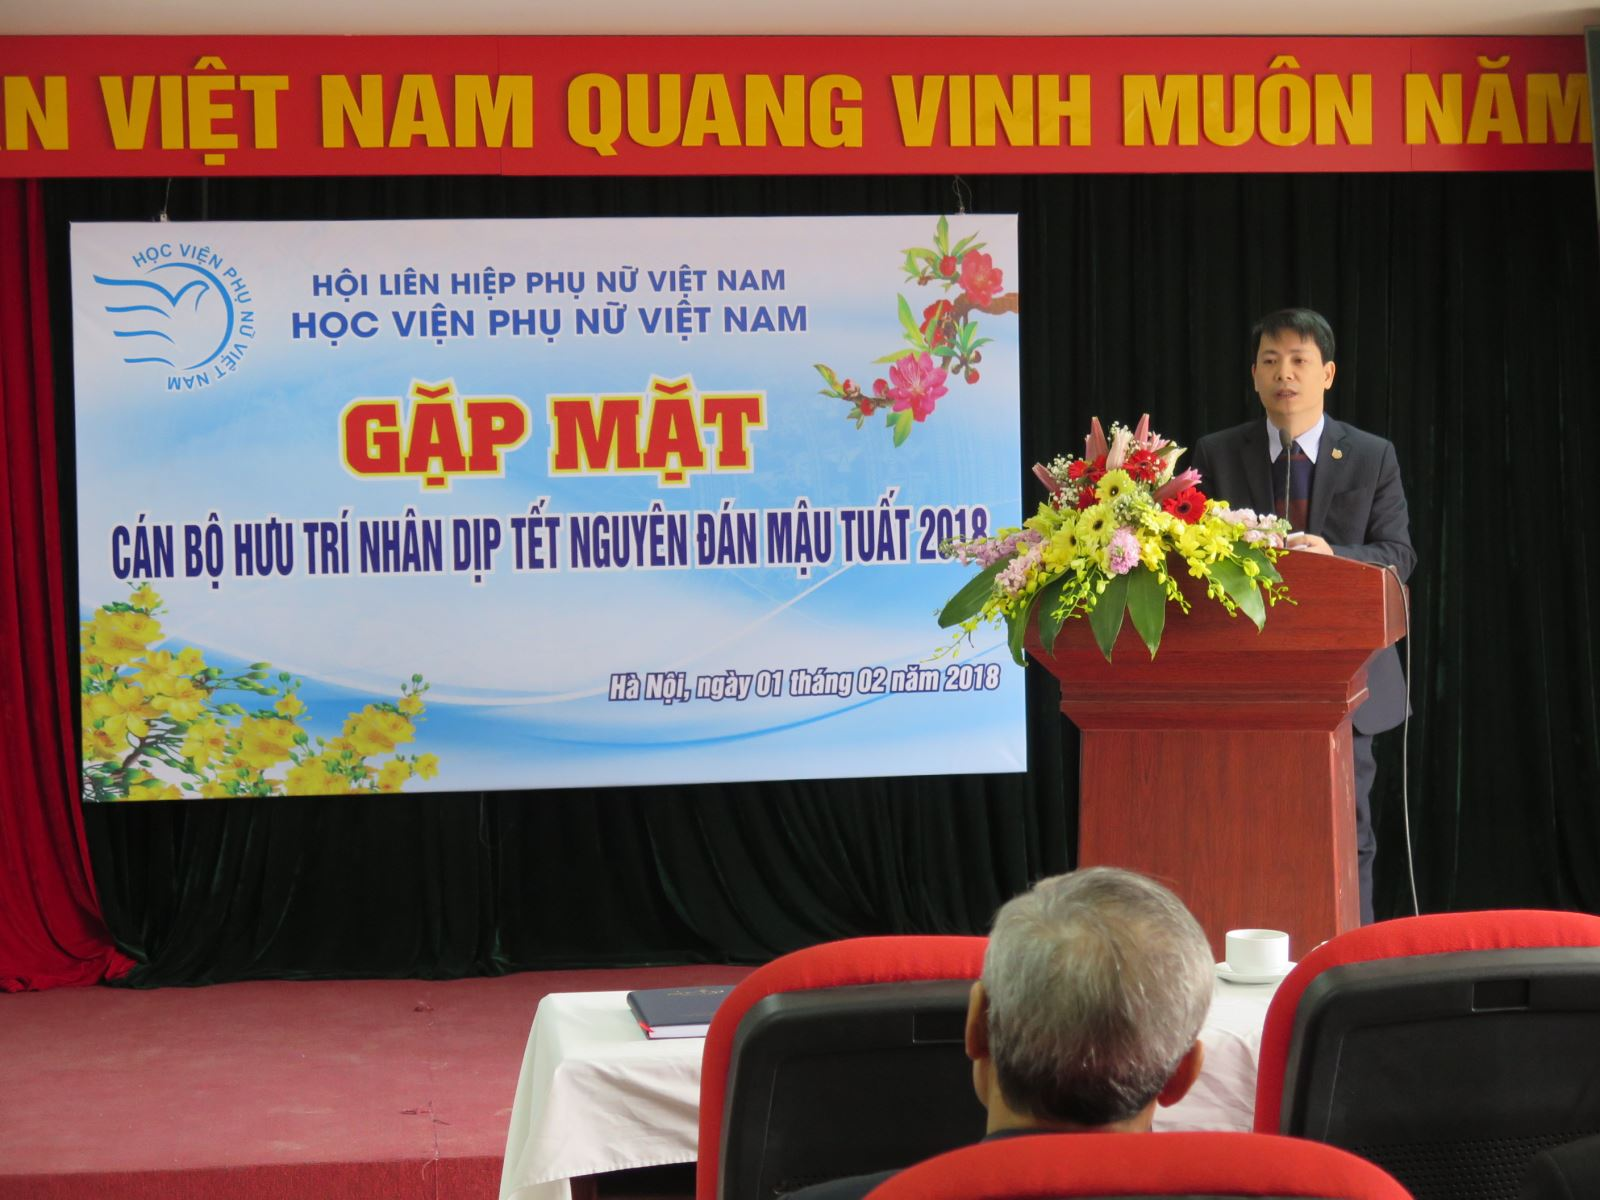 Học viện Phụ nữ Việt Nam tổ chức gặp mặt chúc Tết cán bộ hưu trí